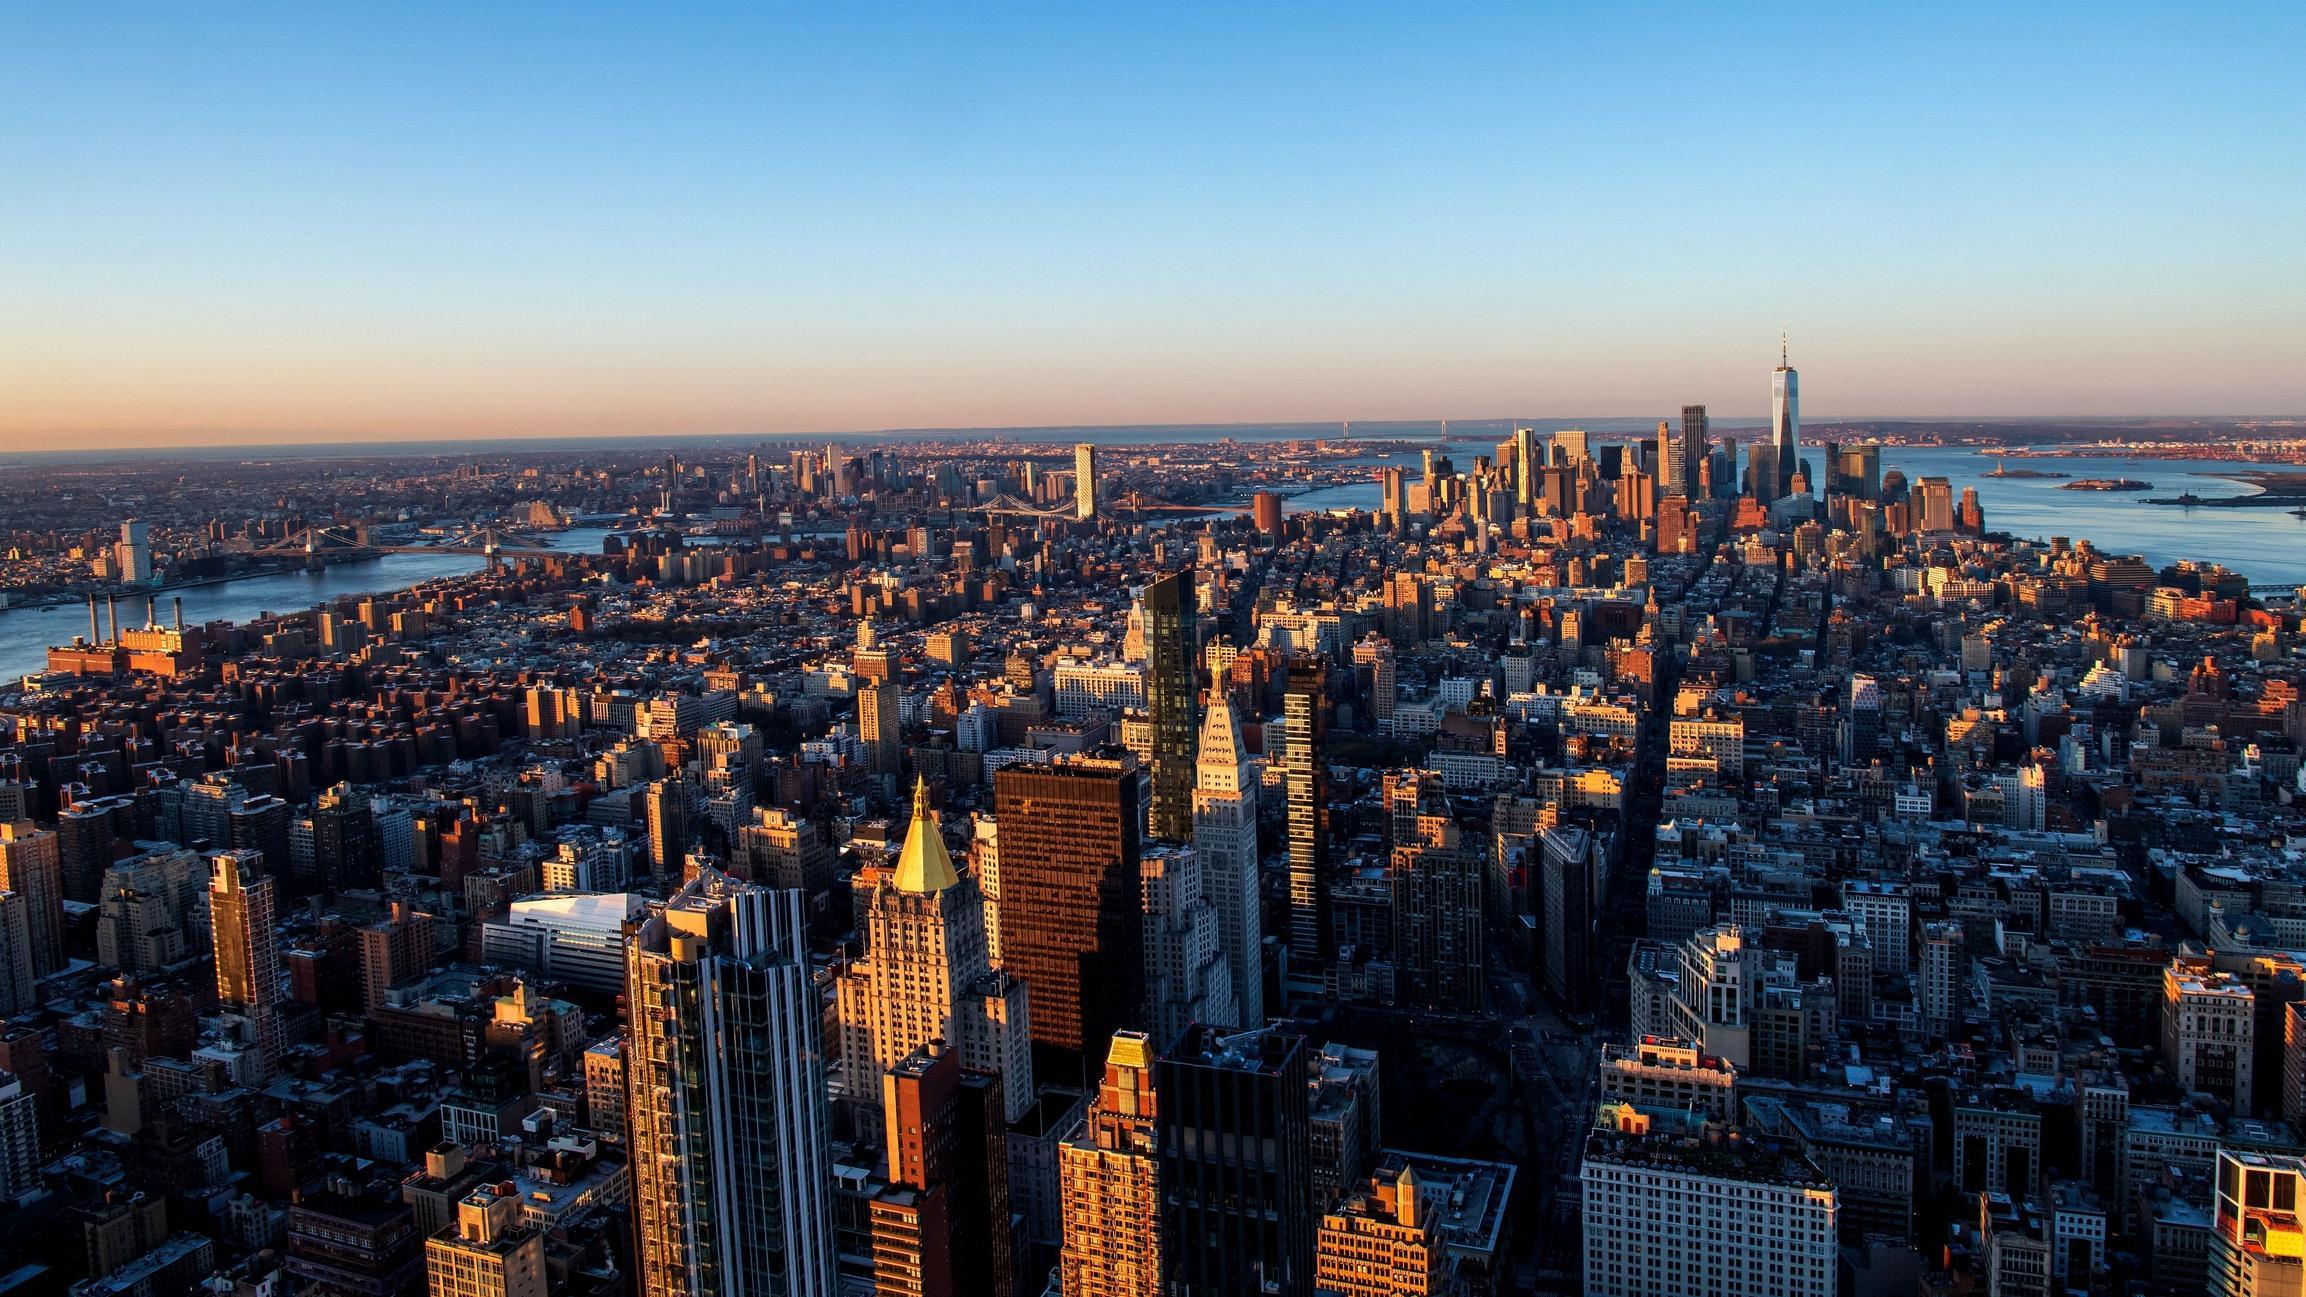 US-CITYSCAPE-ARCHITECTURE